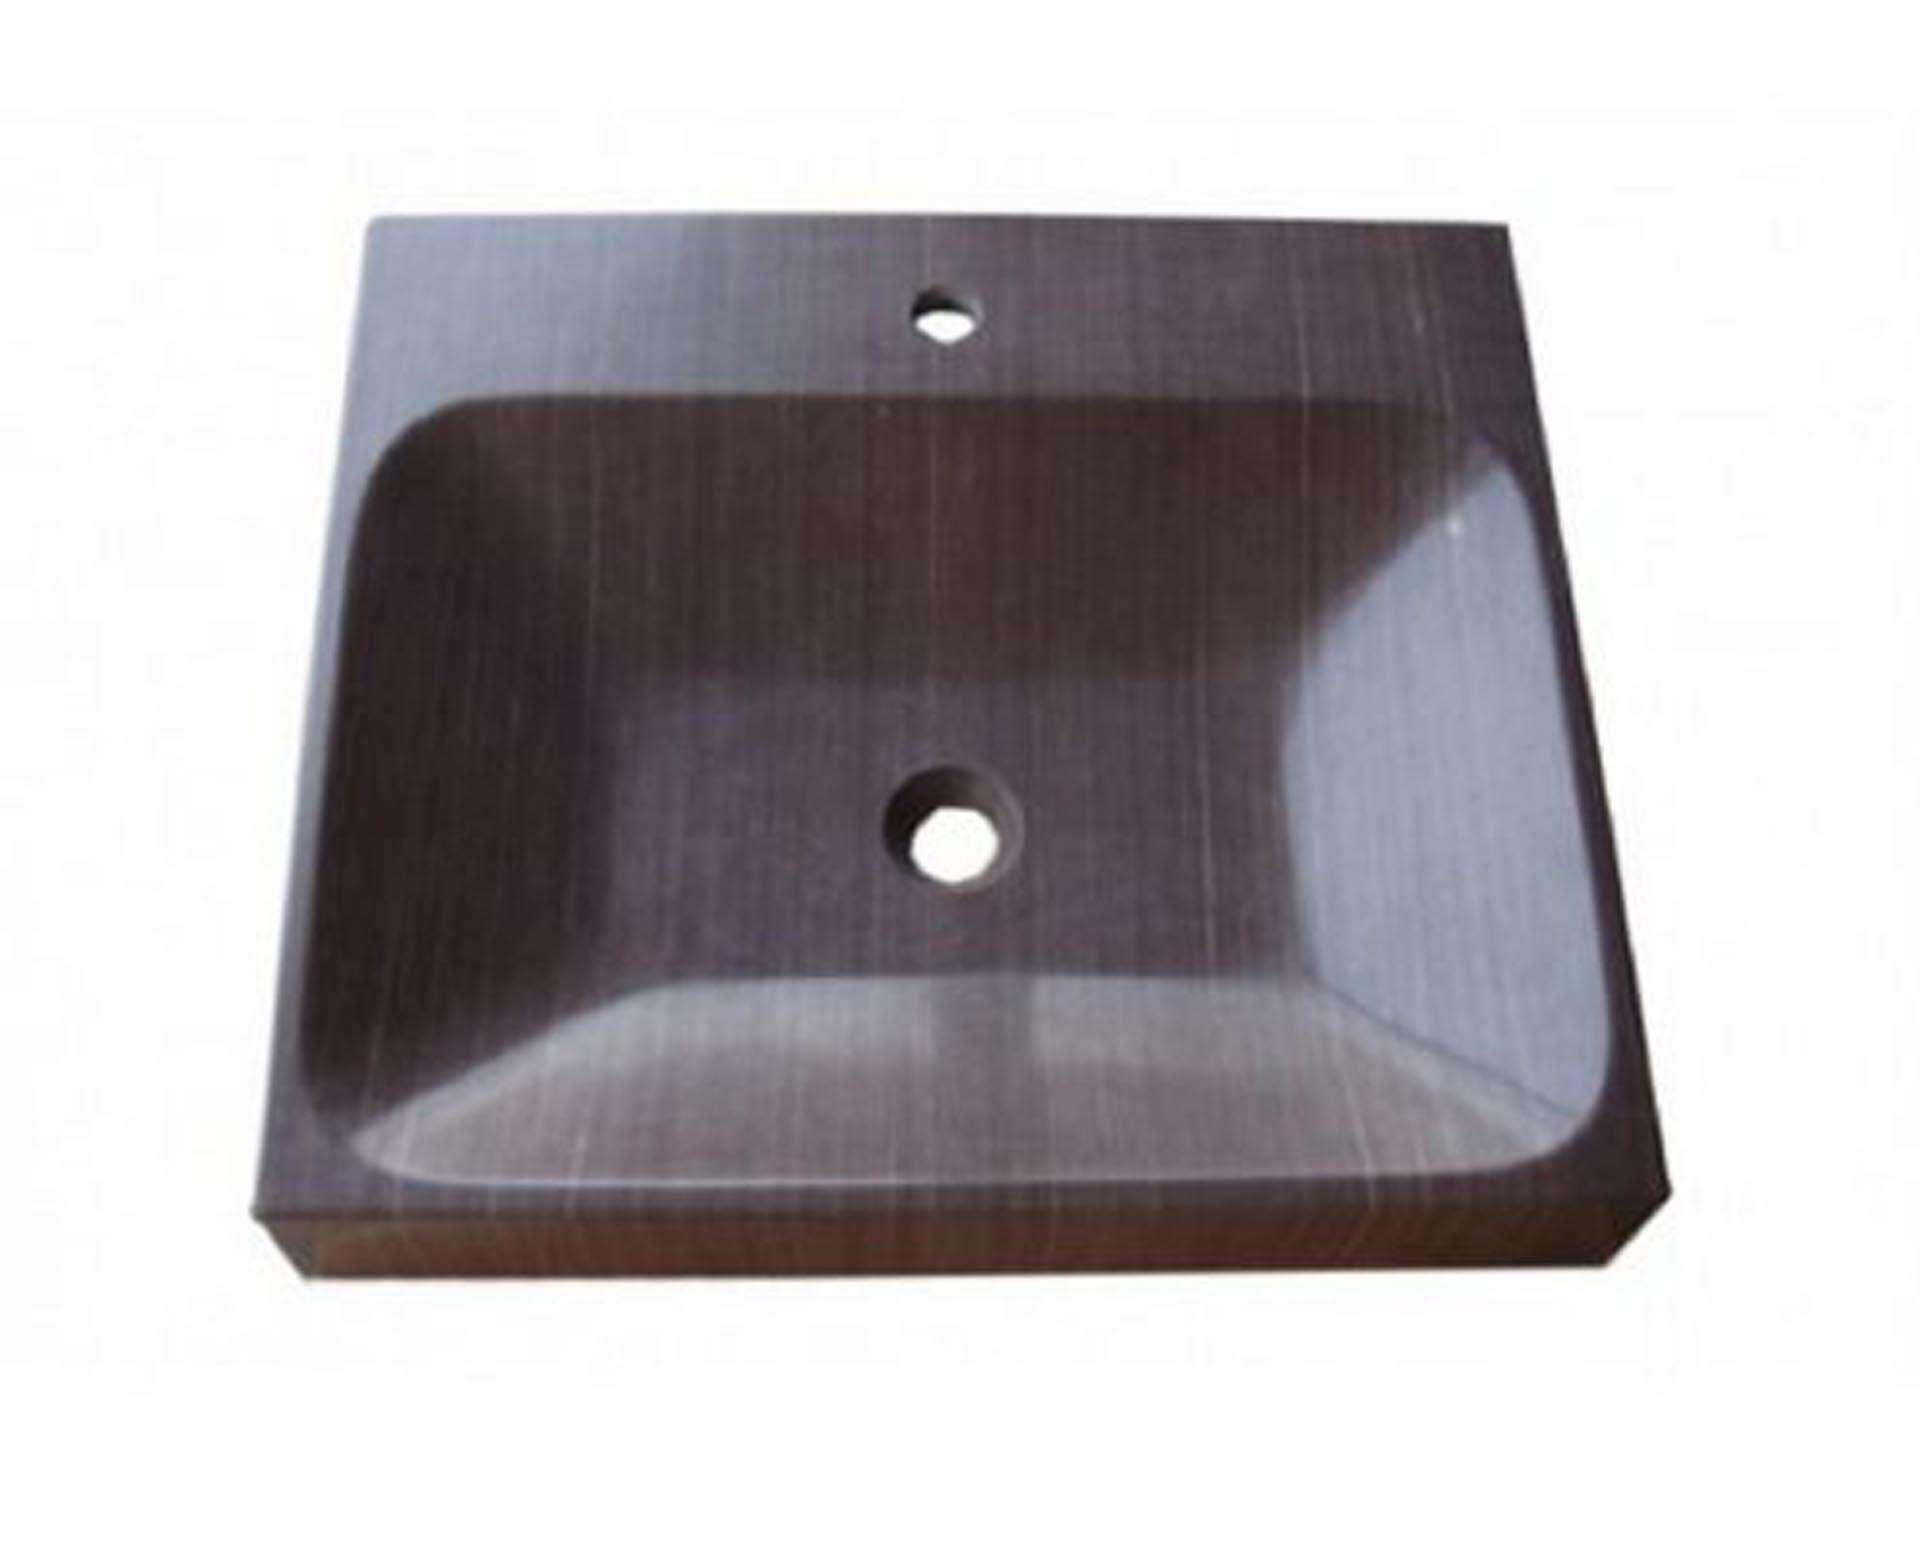 Håndvask udarbejdet i granit, som er lavet til nedfældning.